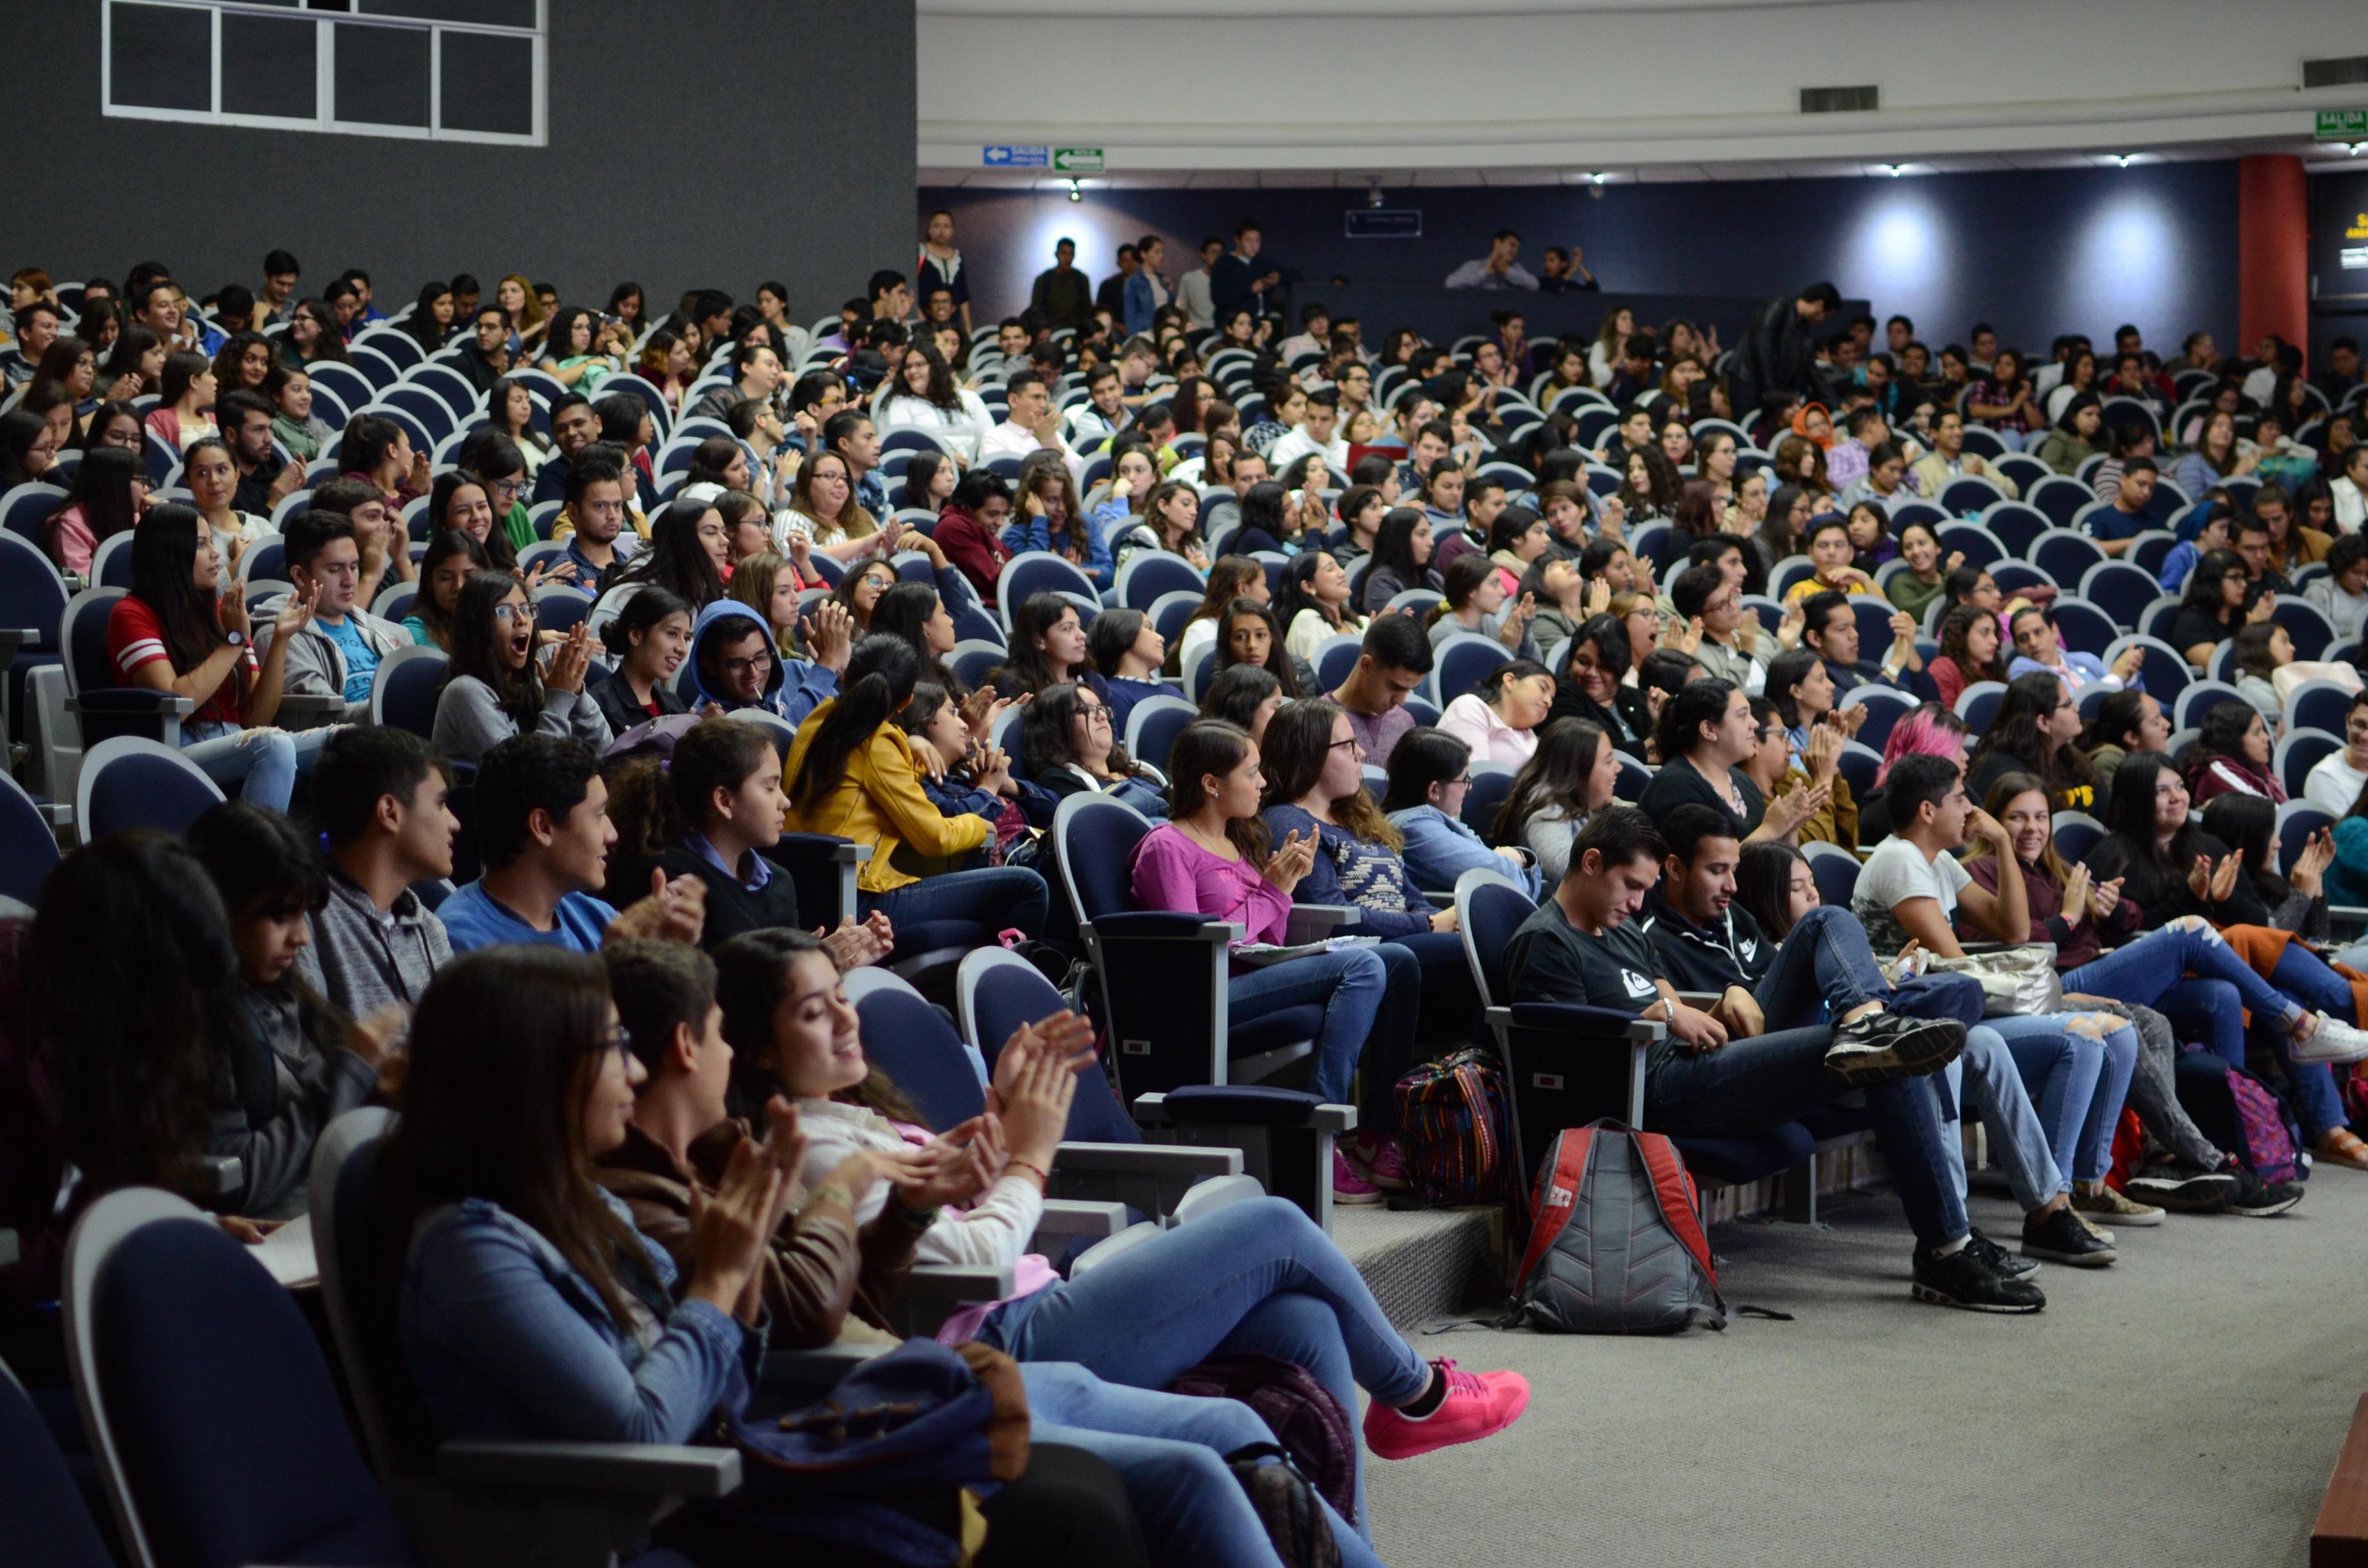 Auditorio Roberto Mendiola Orta luce lleno durante del curso